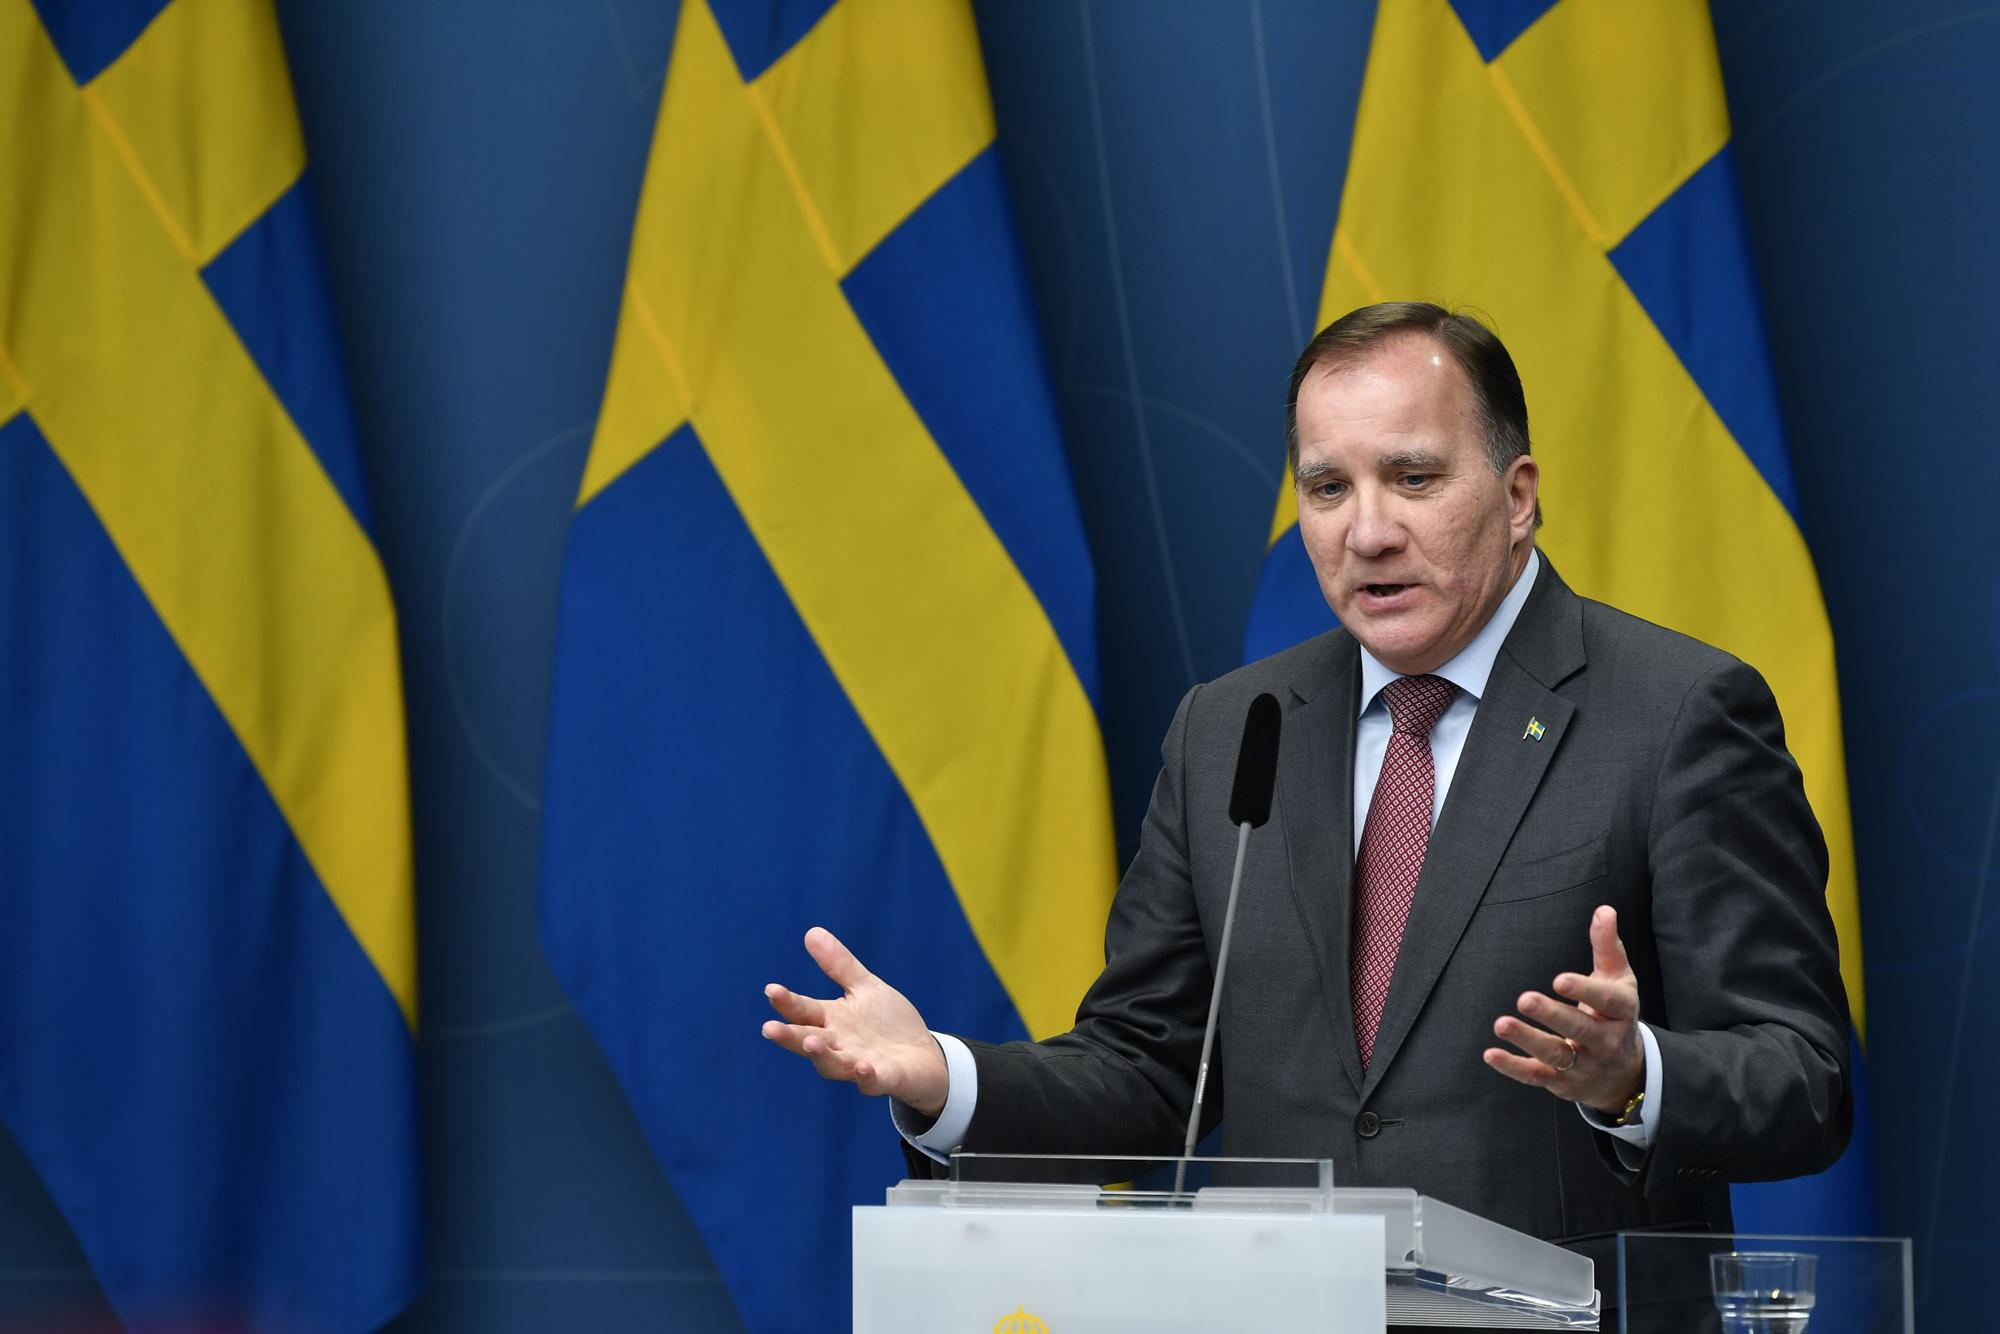 Sweden's Prime Minister Stefan Lofven gives a press conference in Stockholm on November 11.